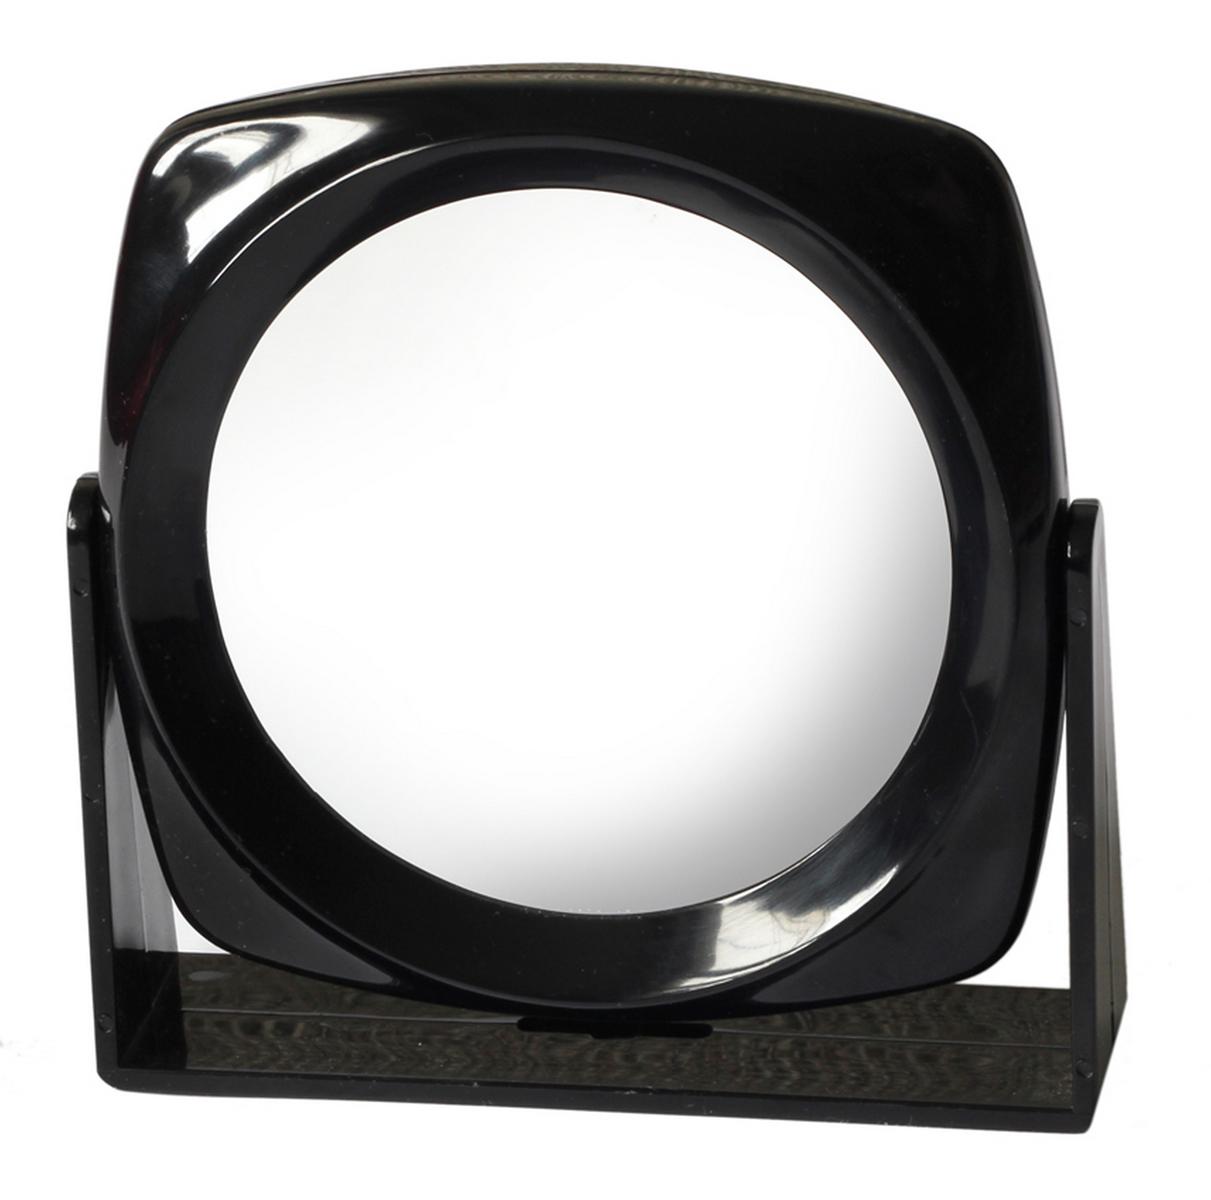 Silva Зеркало настольное, круглое, цвет: черныйSZ 582Зеркало двухсторонее, с трехкратным увелечением.